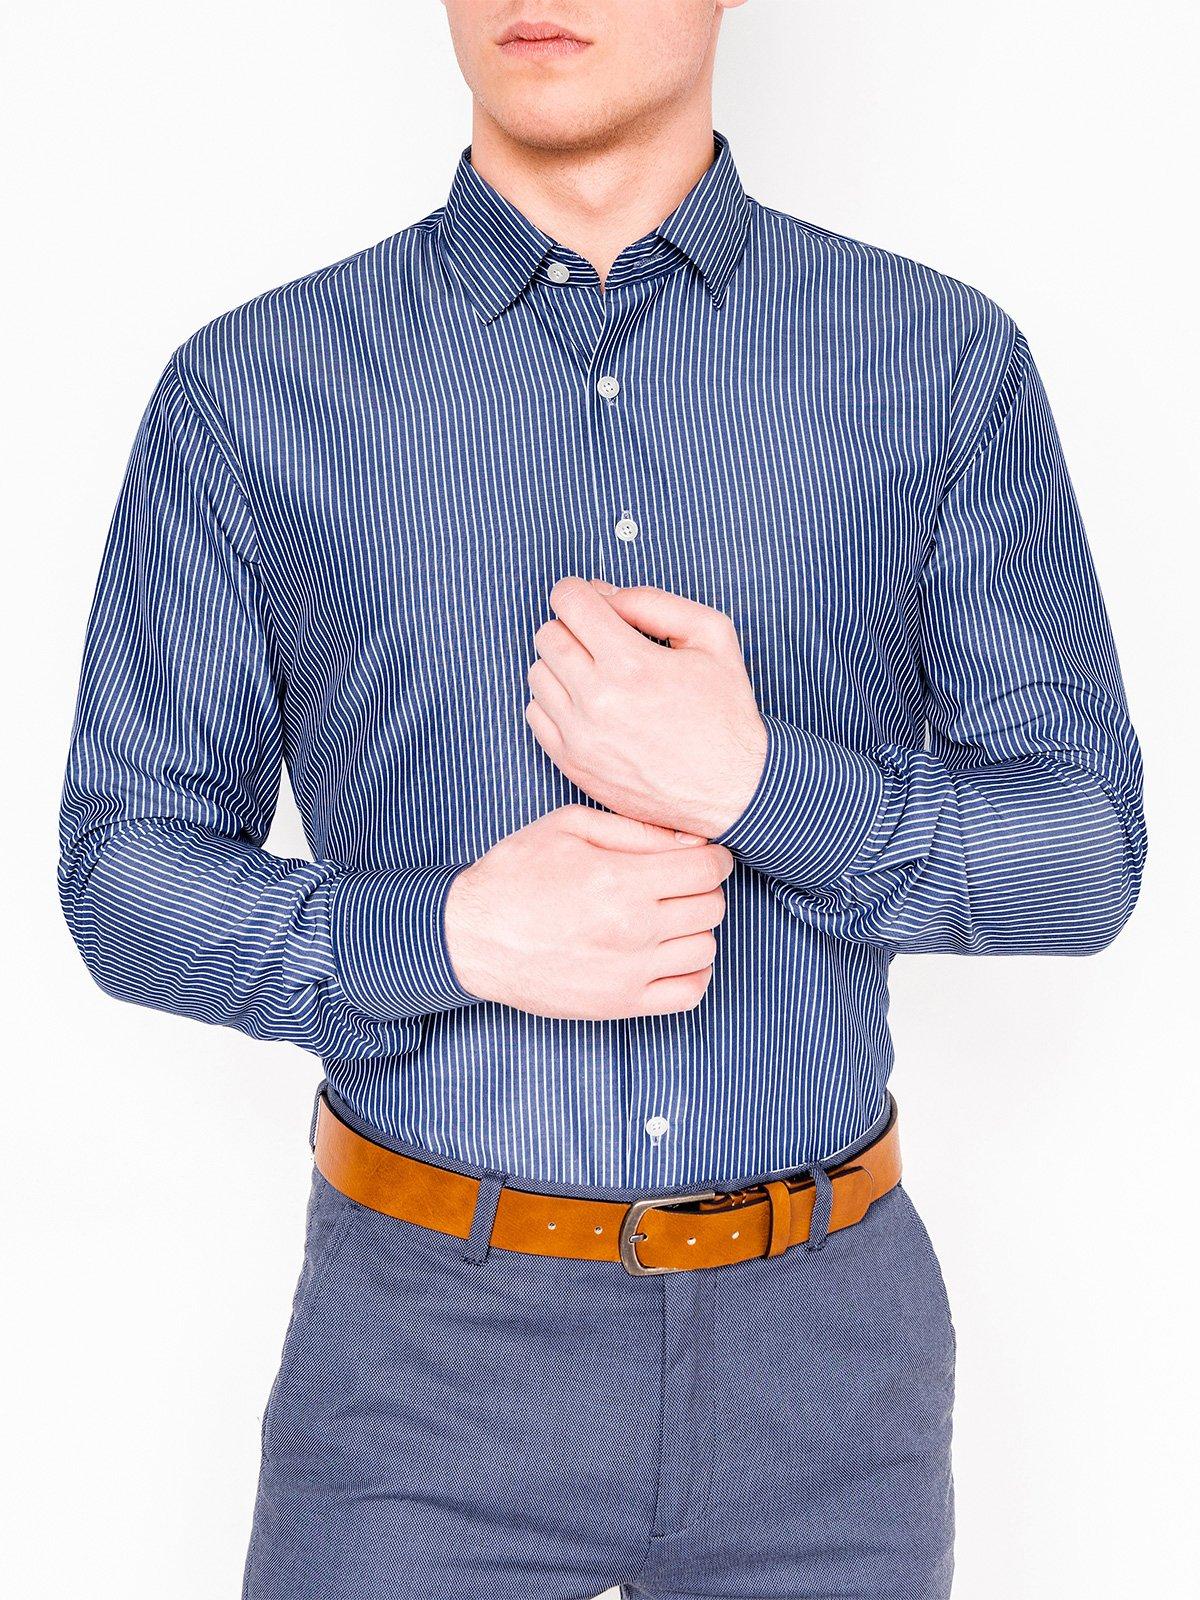 5f59464c48a352e ... Мужская рубашка элегантная с длинным рукавом K428 - тёмно-тёмно-синяя  ...